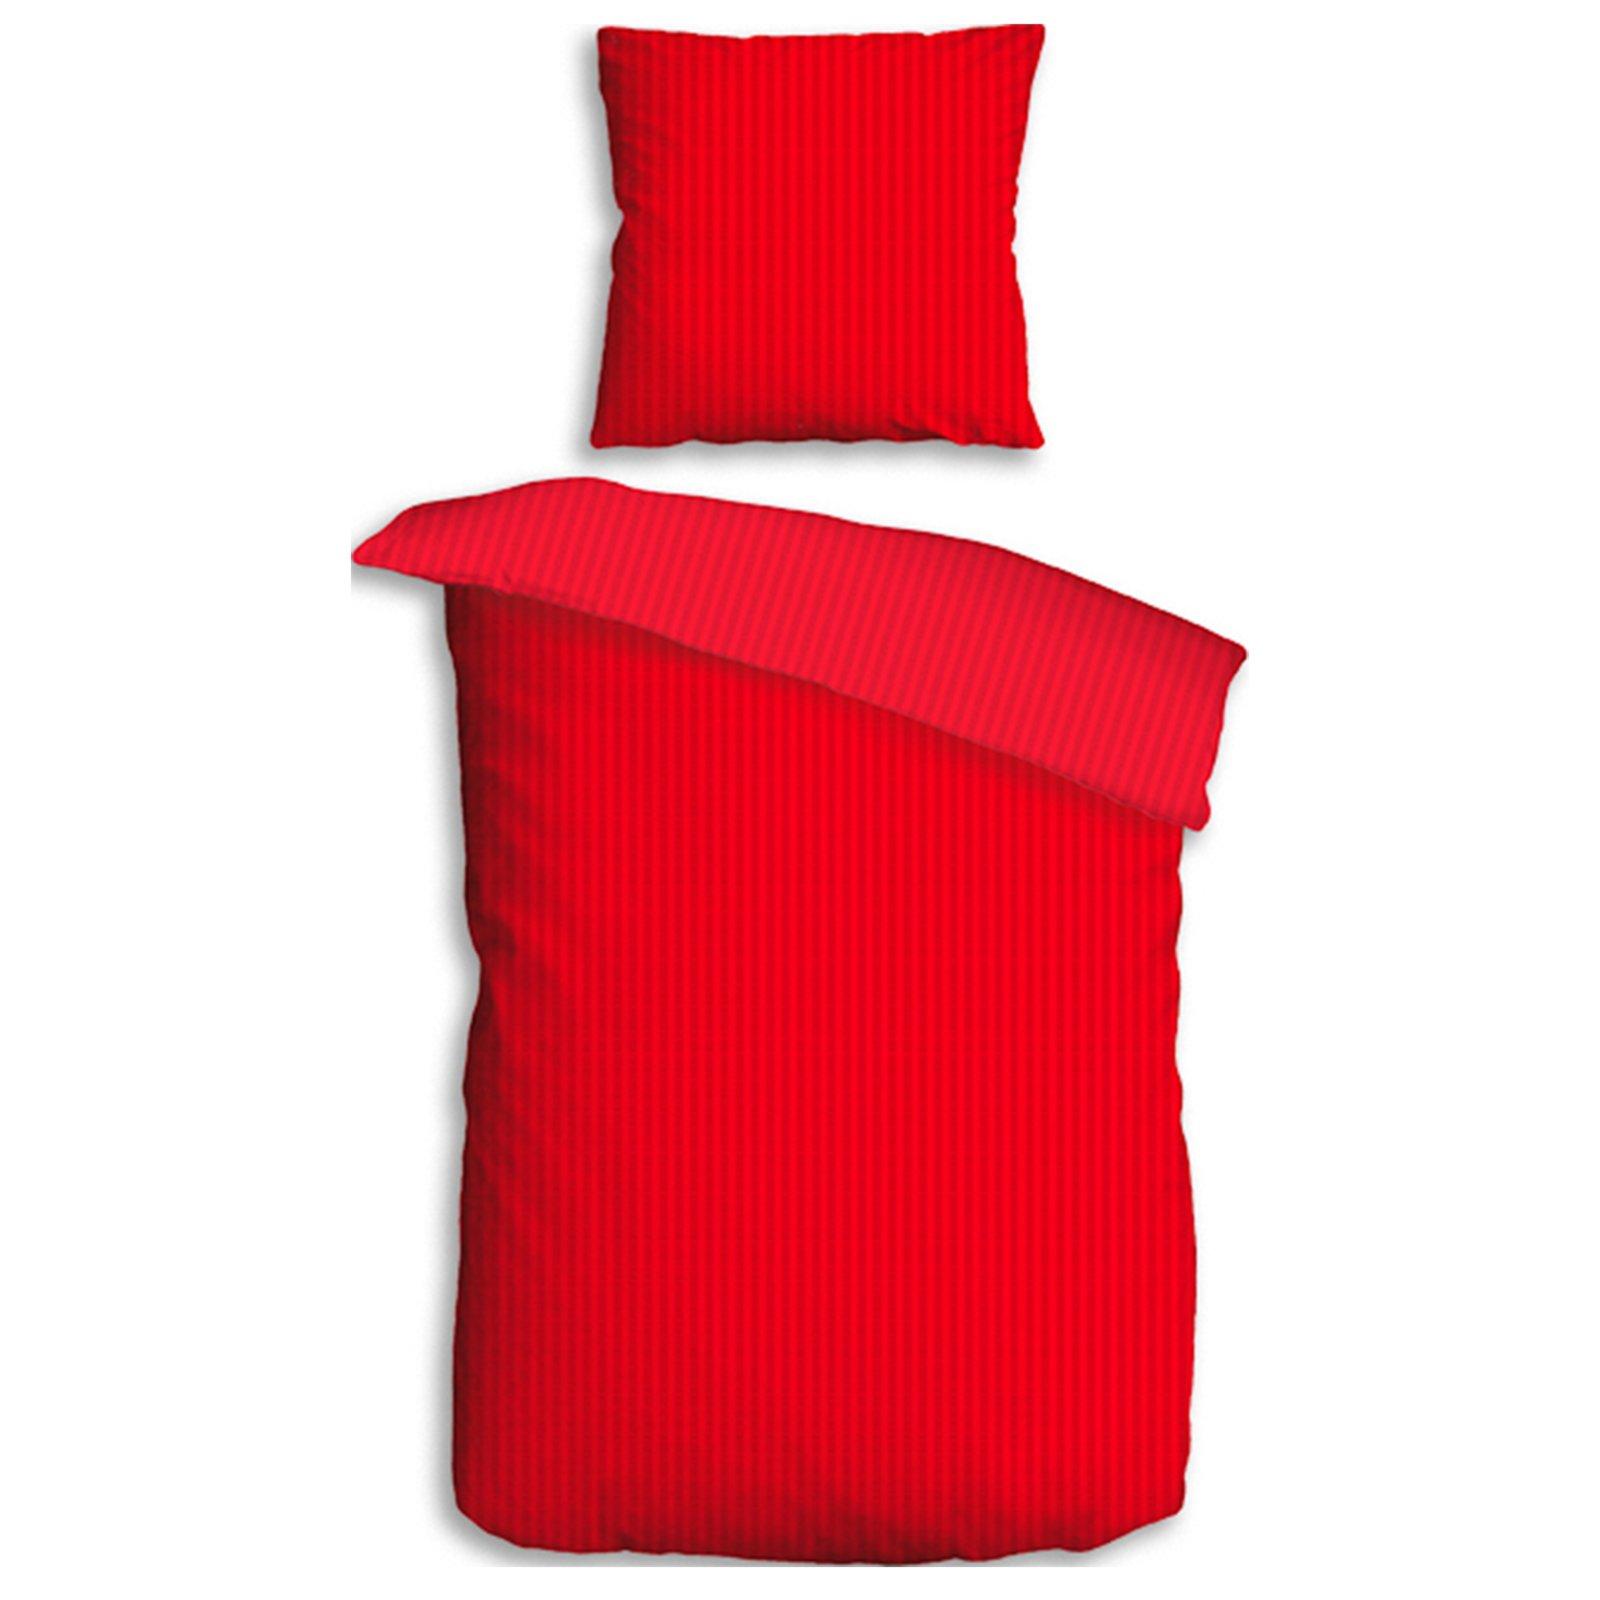 microfaser seersucker bettw sche uni red 135x200 cm bettw sche bettw sche bettlaken. Black Bedroom Furniture Sets. Home Design Ideas